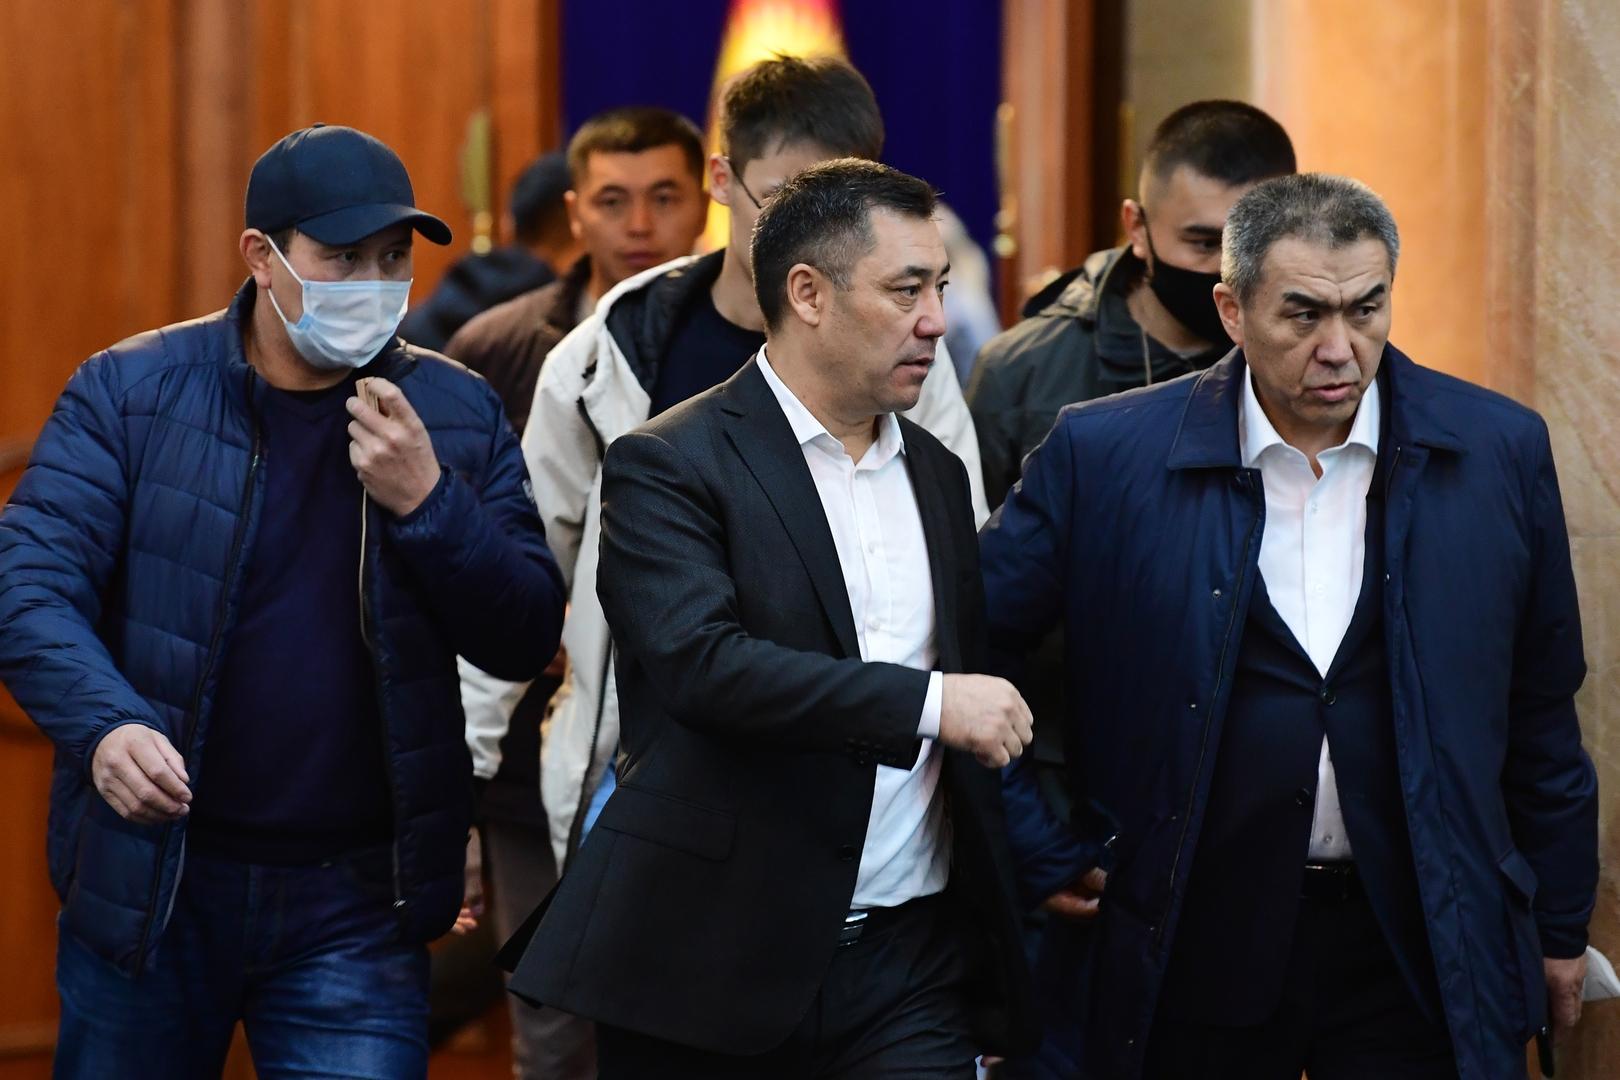 رئيس الوزراء القرغيزي الجديد يشيد بأهمية العلاقات مع روسيا